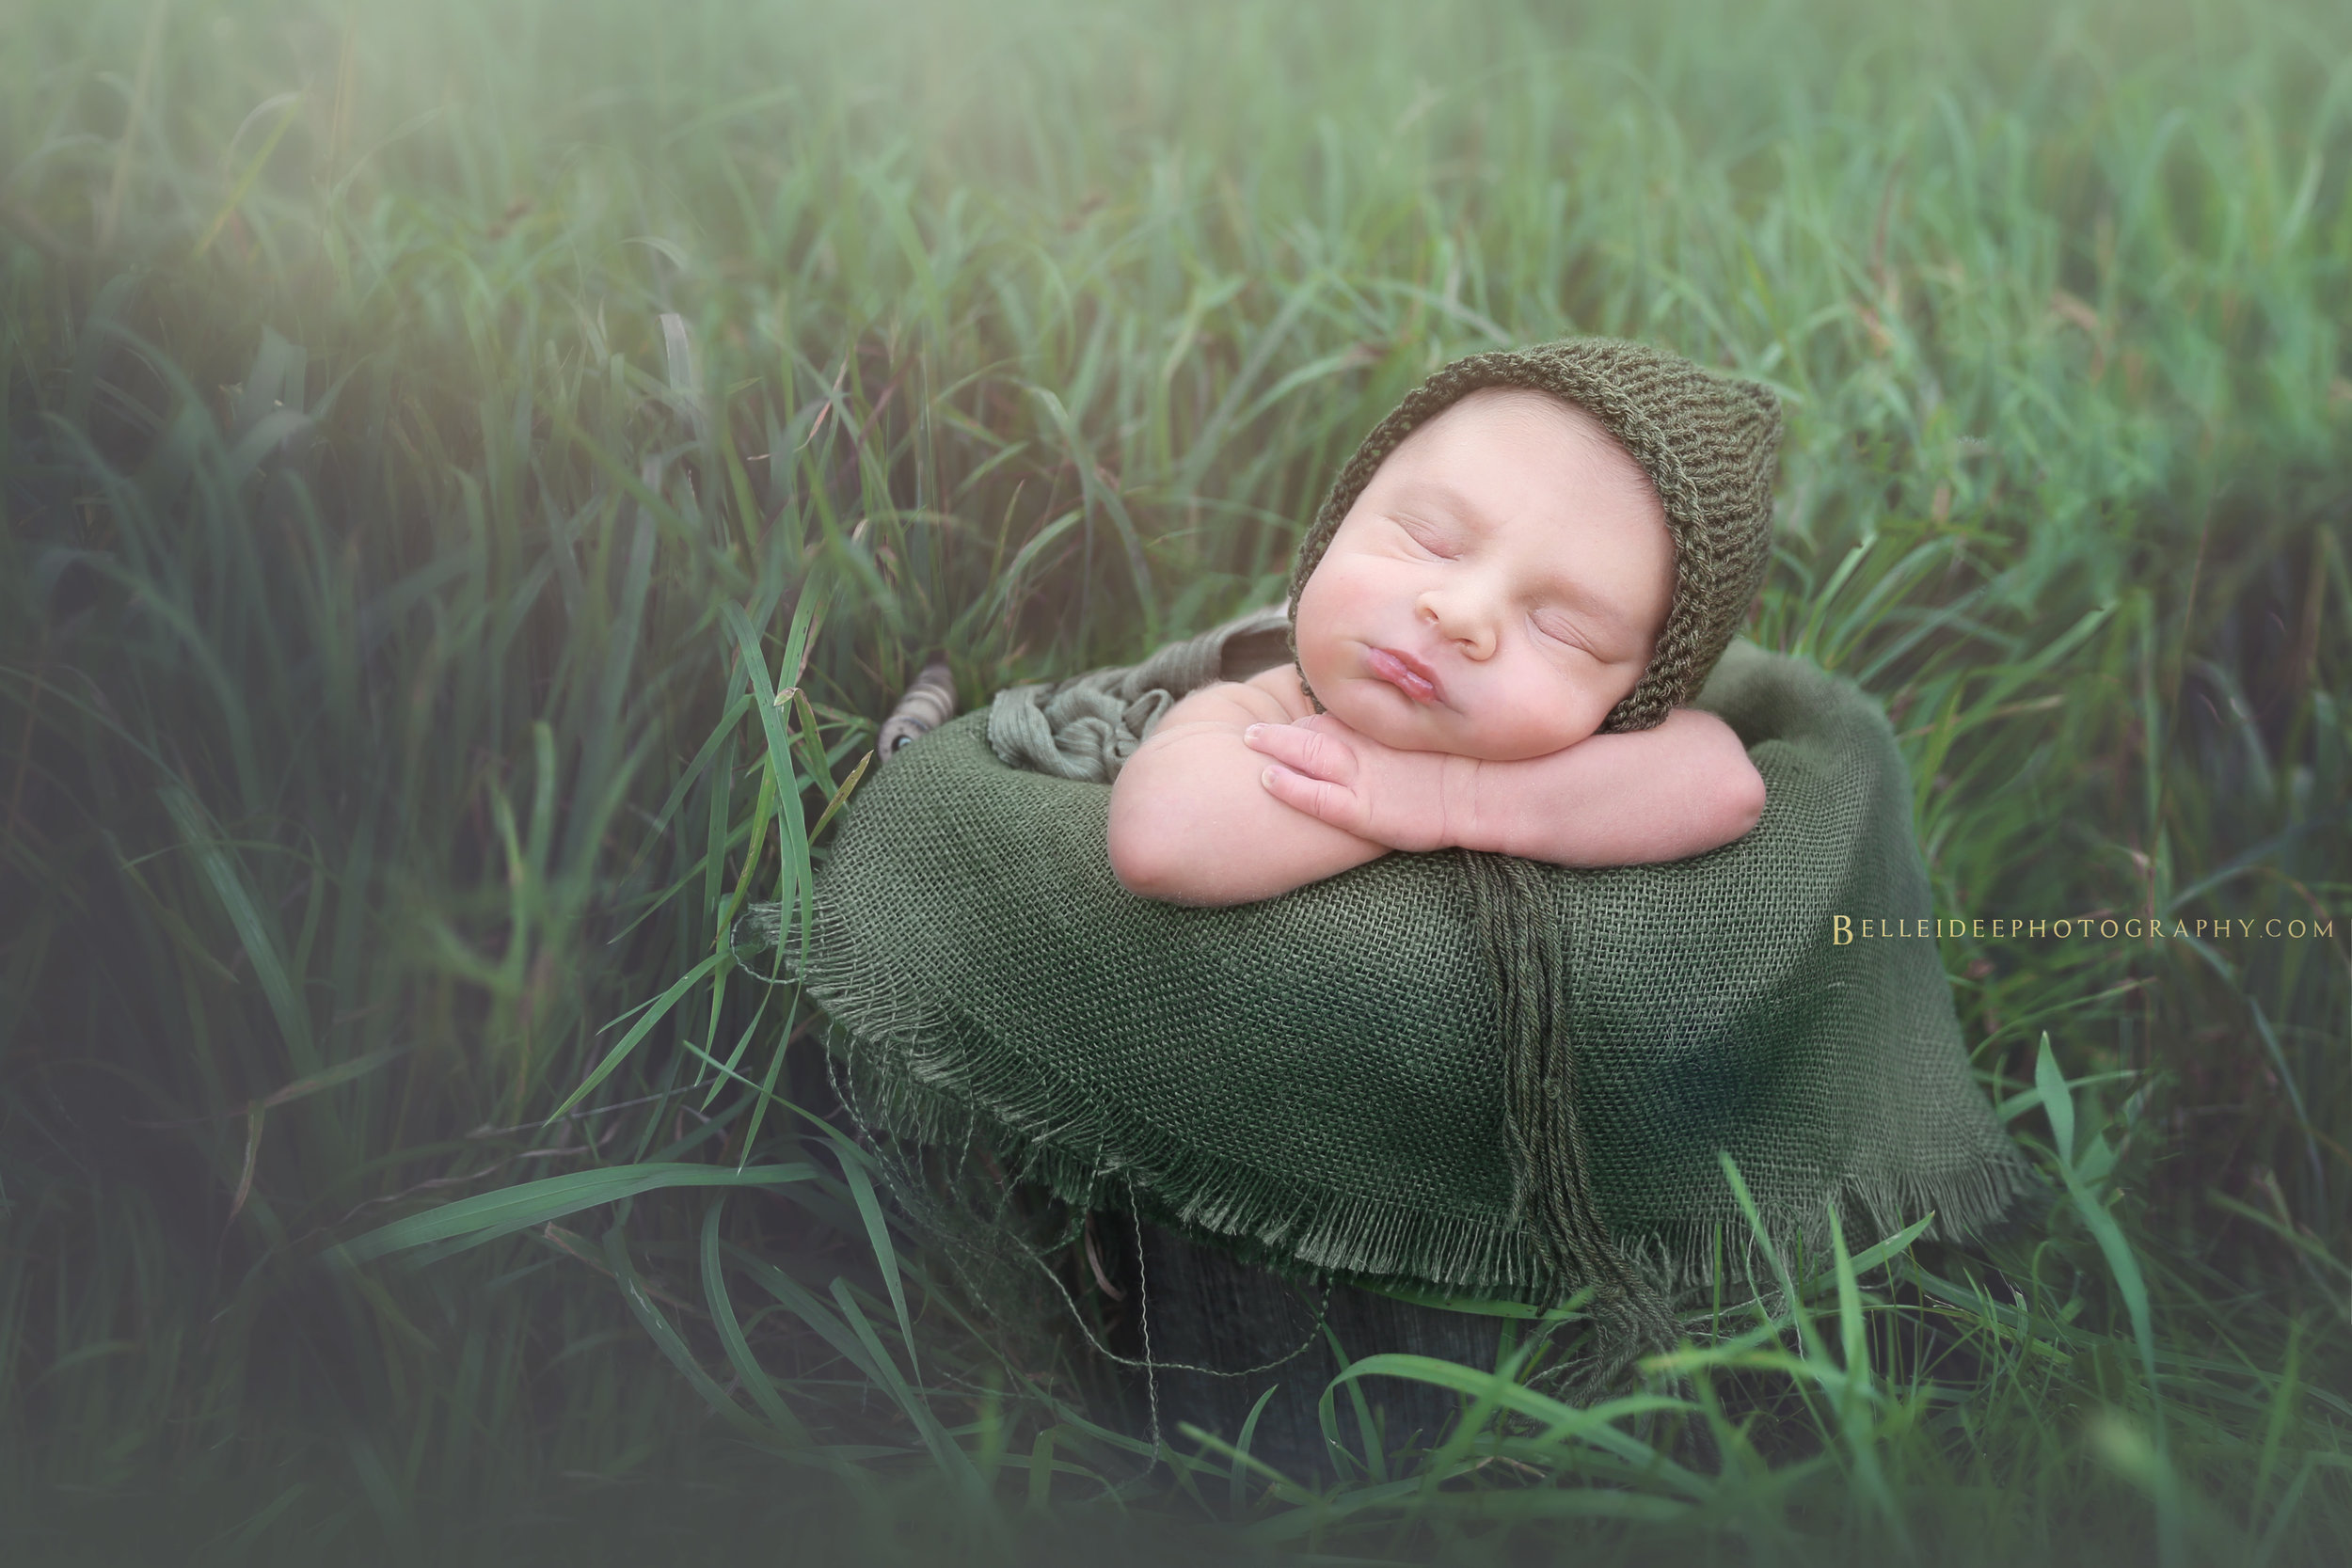 buffalo-ny-newborn-baby-photographer copy.jpg